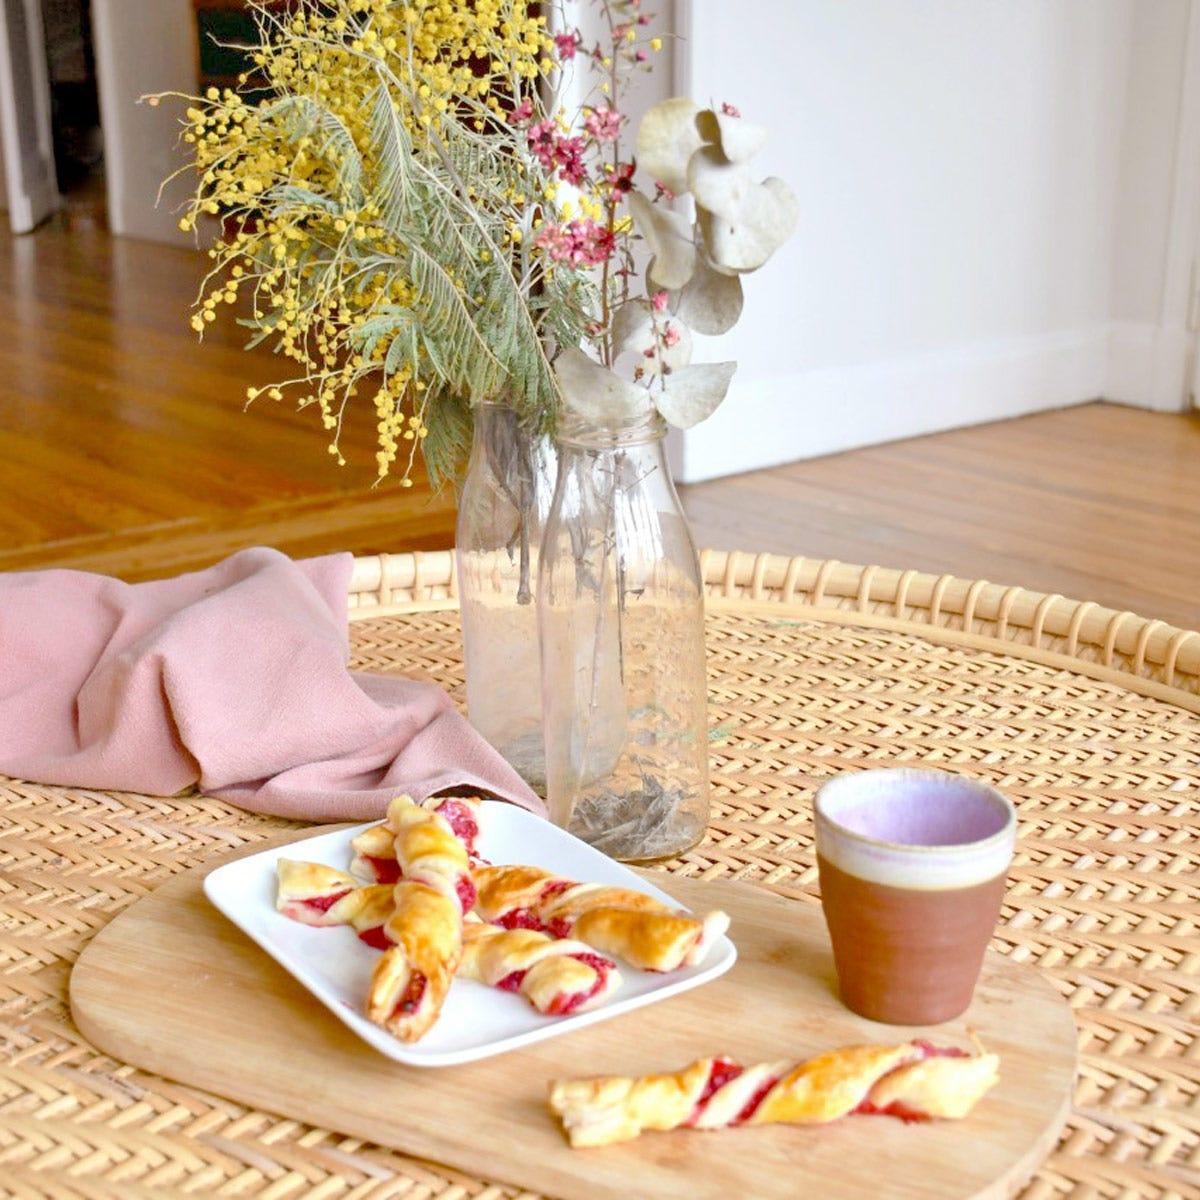 Una ricetta per gli amanti dei frutti rossi, le nostre trecce di pasta sfoglia vi stupiranno!